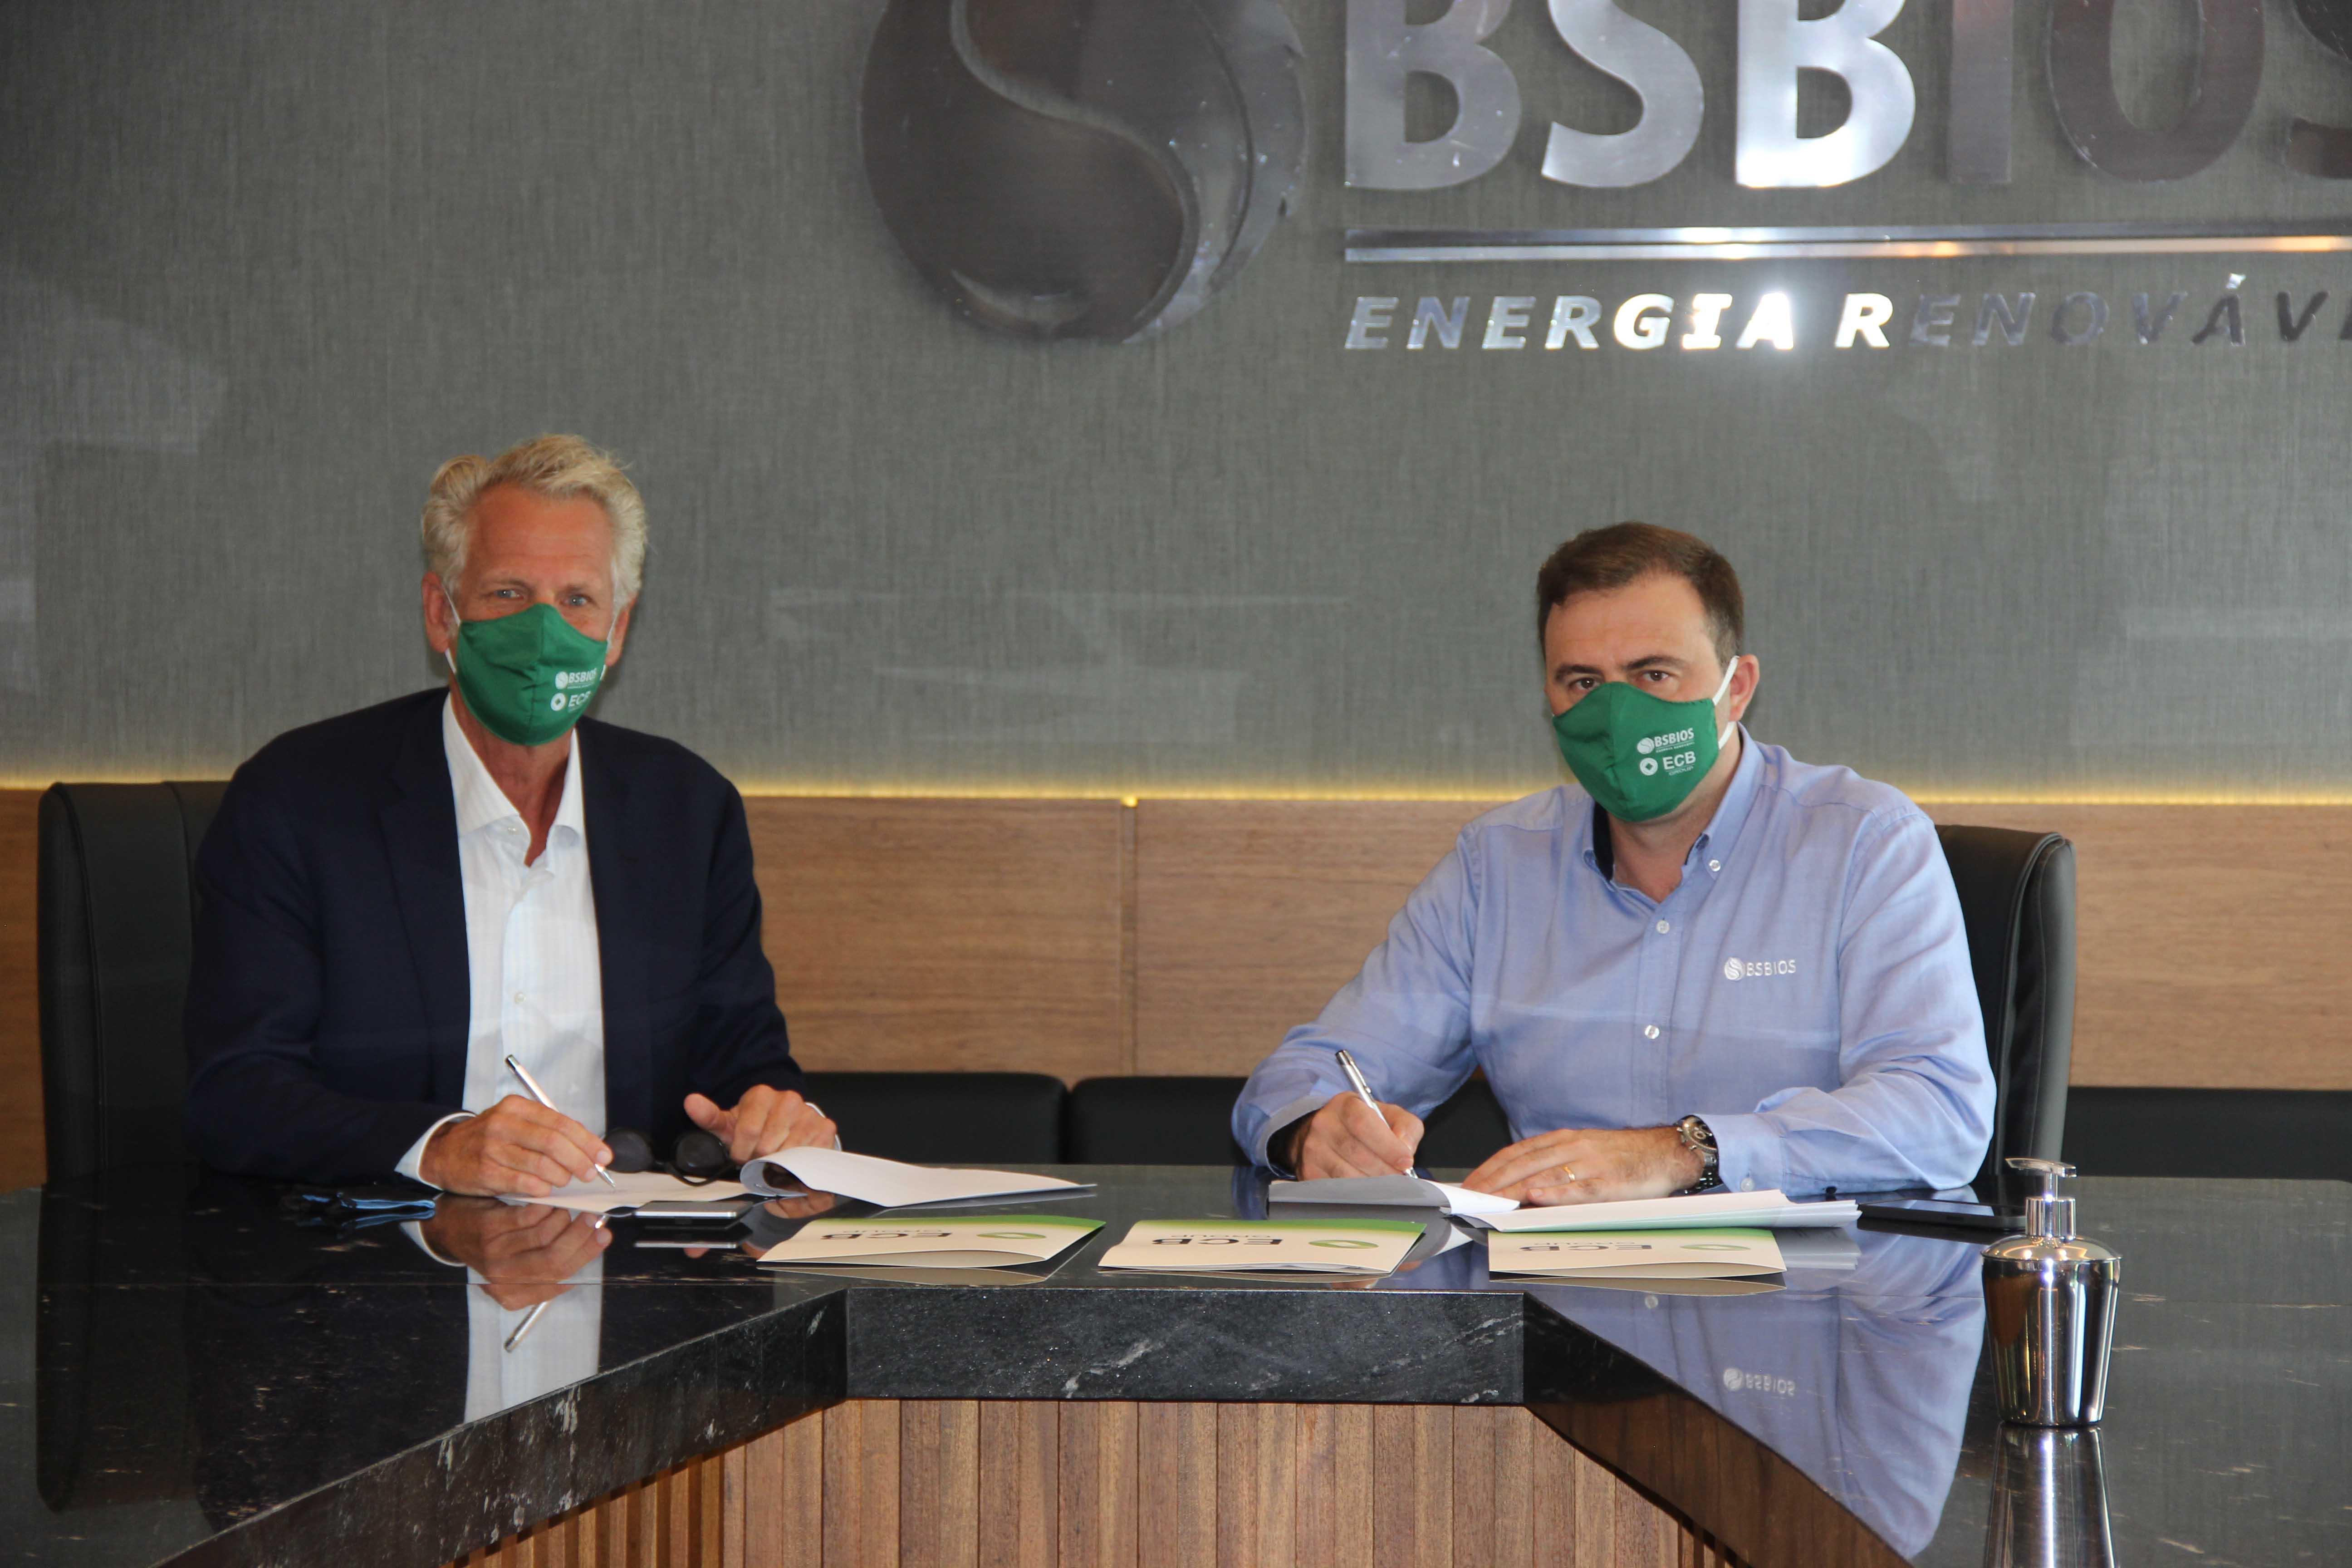 El Grupo ECB firma un contrato de suministro de materia prima sostenible de Pongamia con Investancia para la biorrefinería Omega Green